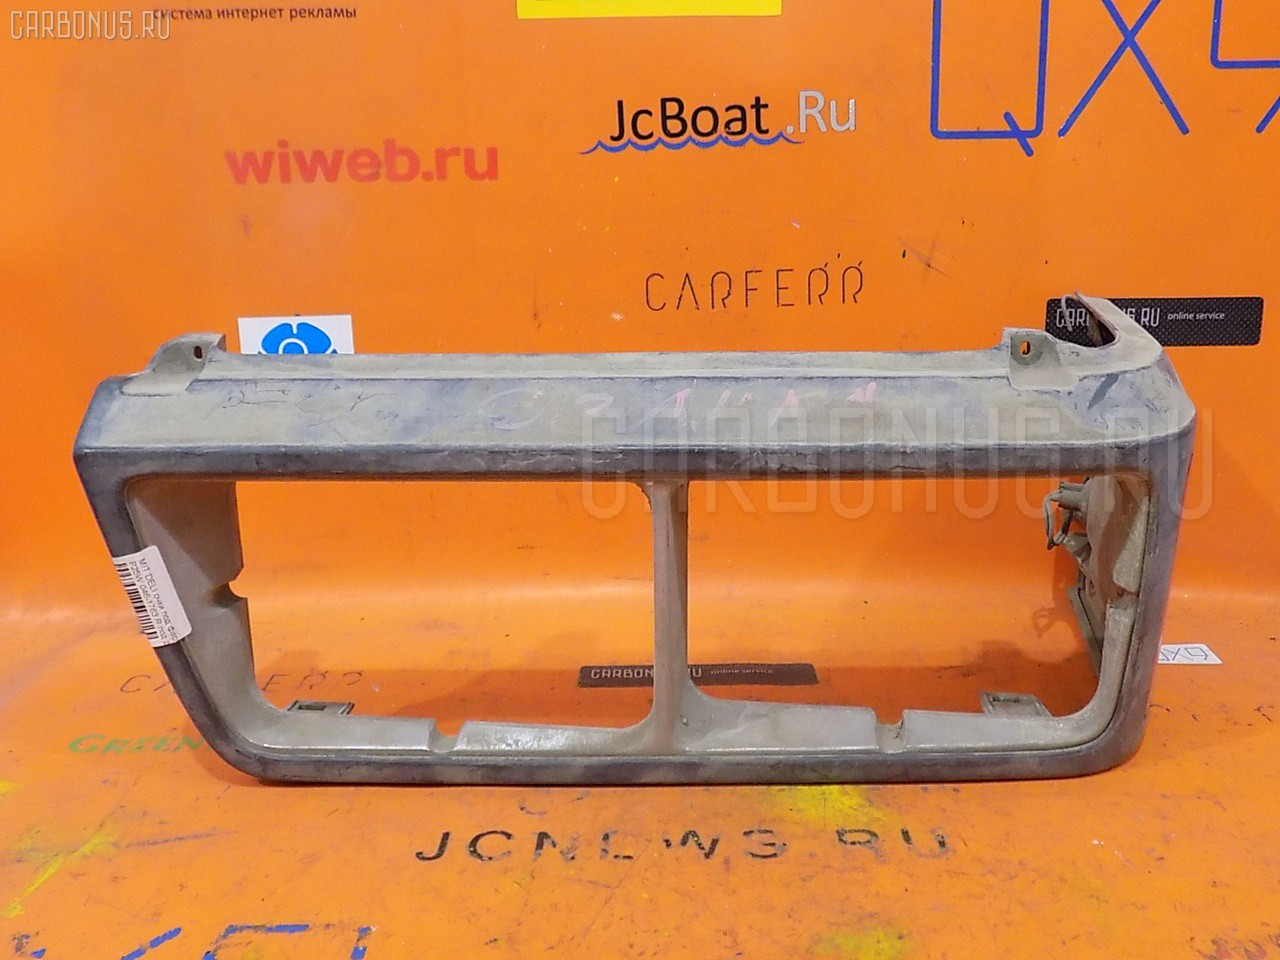 Очки под фару 046-1763 на Mitsubishi Delica P25W Фото 1